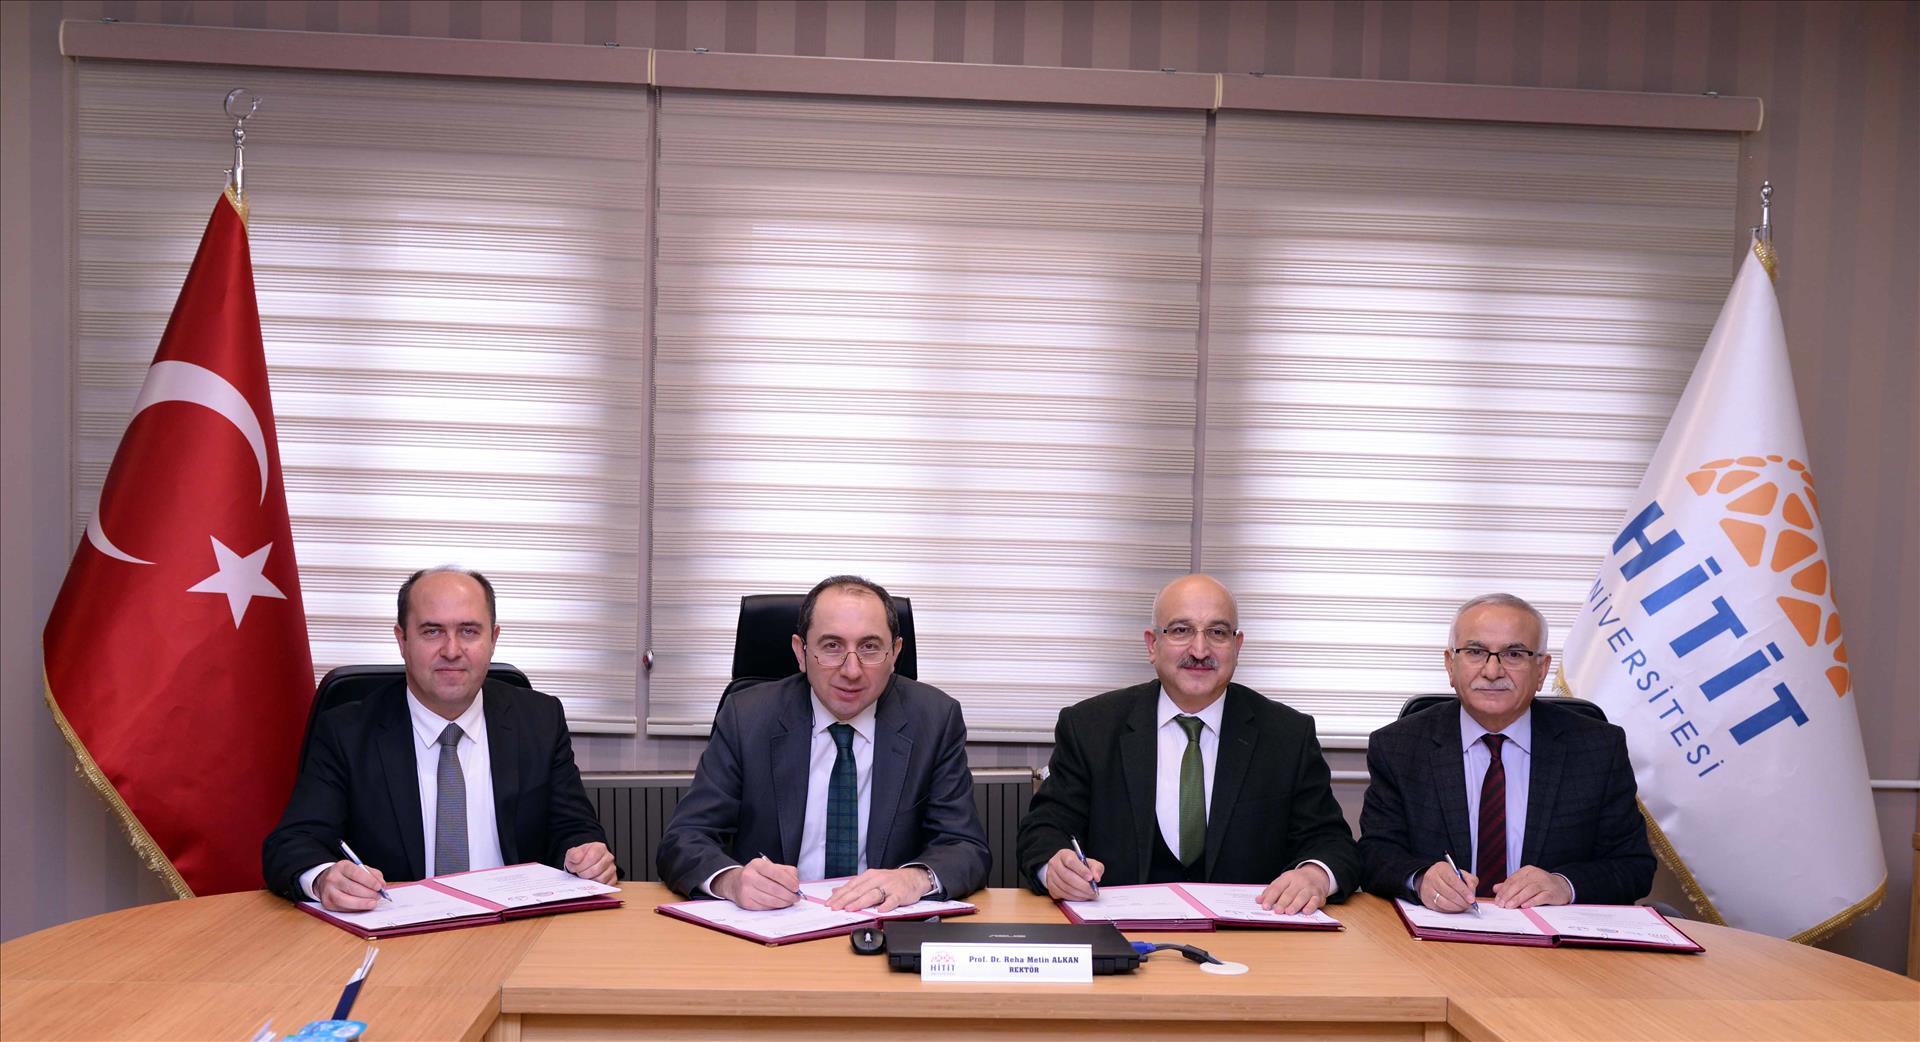 Genel, Mesleki ve Teknik Kurslar Düzenlemelerine İlişkin İş Birliği Protokolü İmzalandı